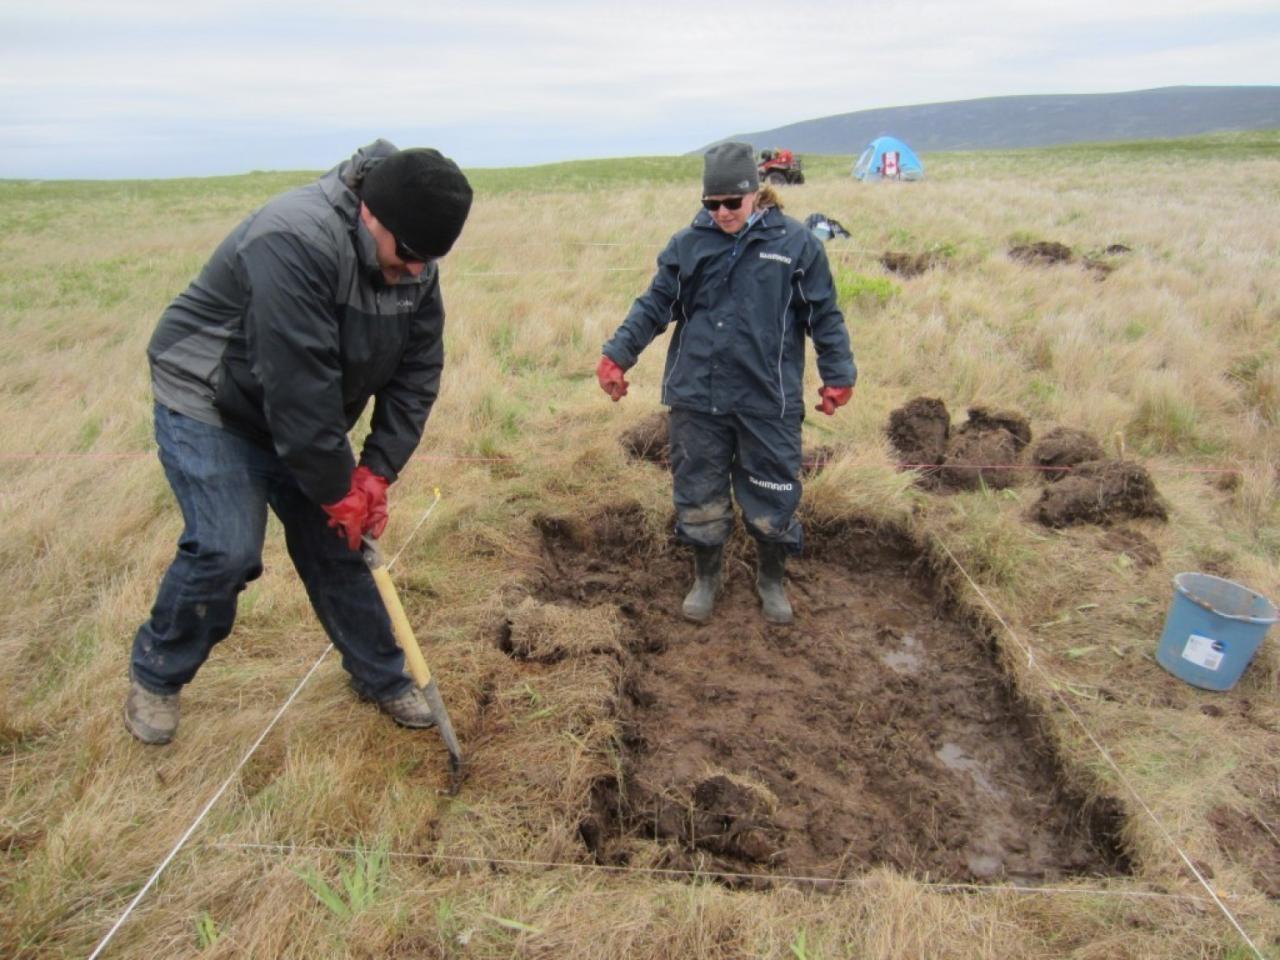 Descubierta herrería vikinga en Norteamérica mediante imágenes vía satélite